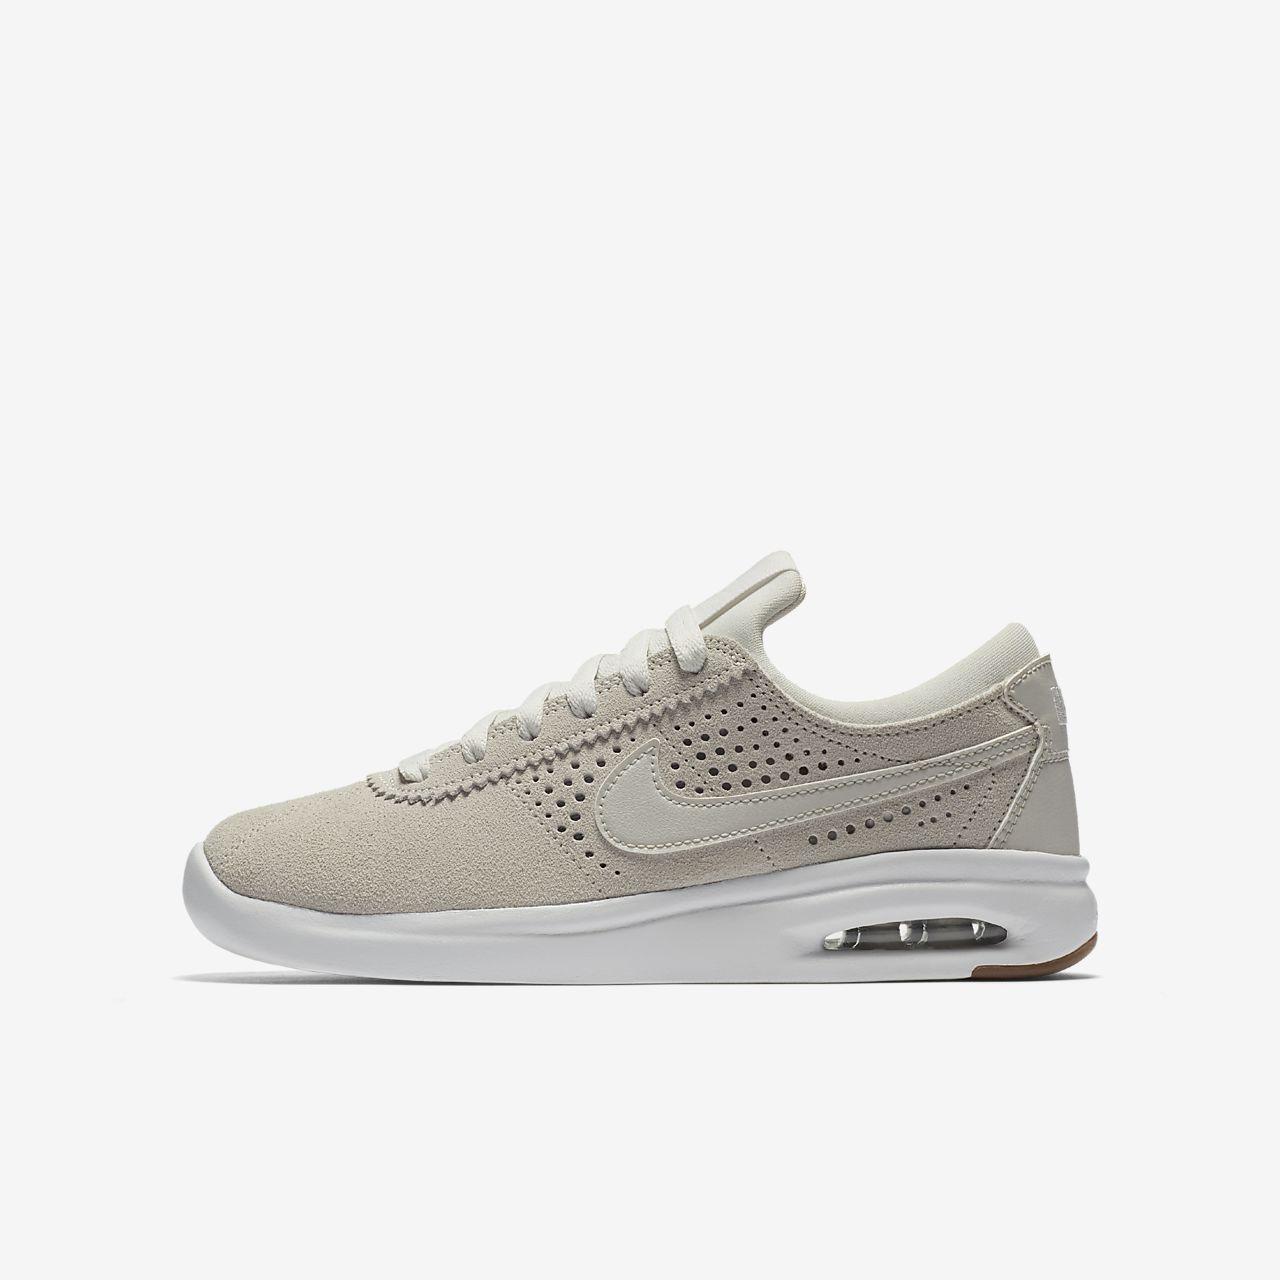 Zapatos beige Nike SB para hombre talla 36 TZGpBo